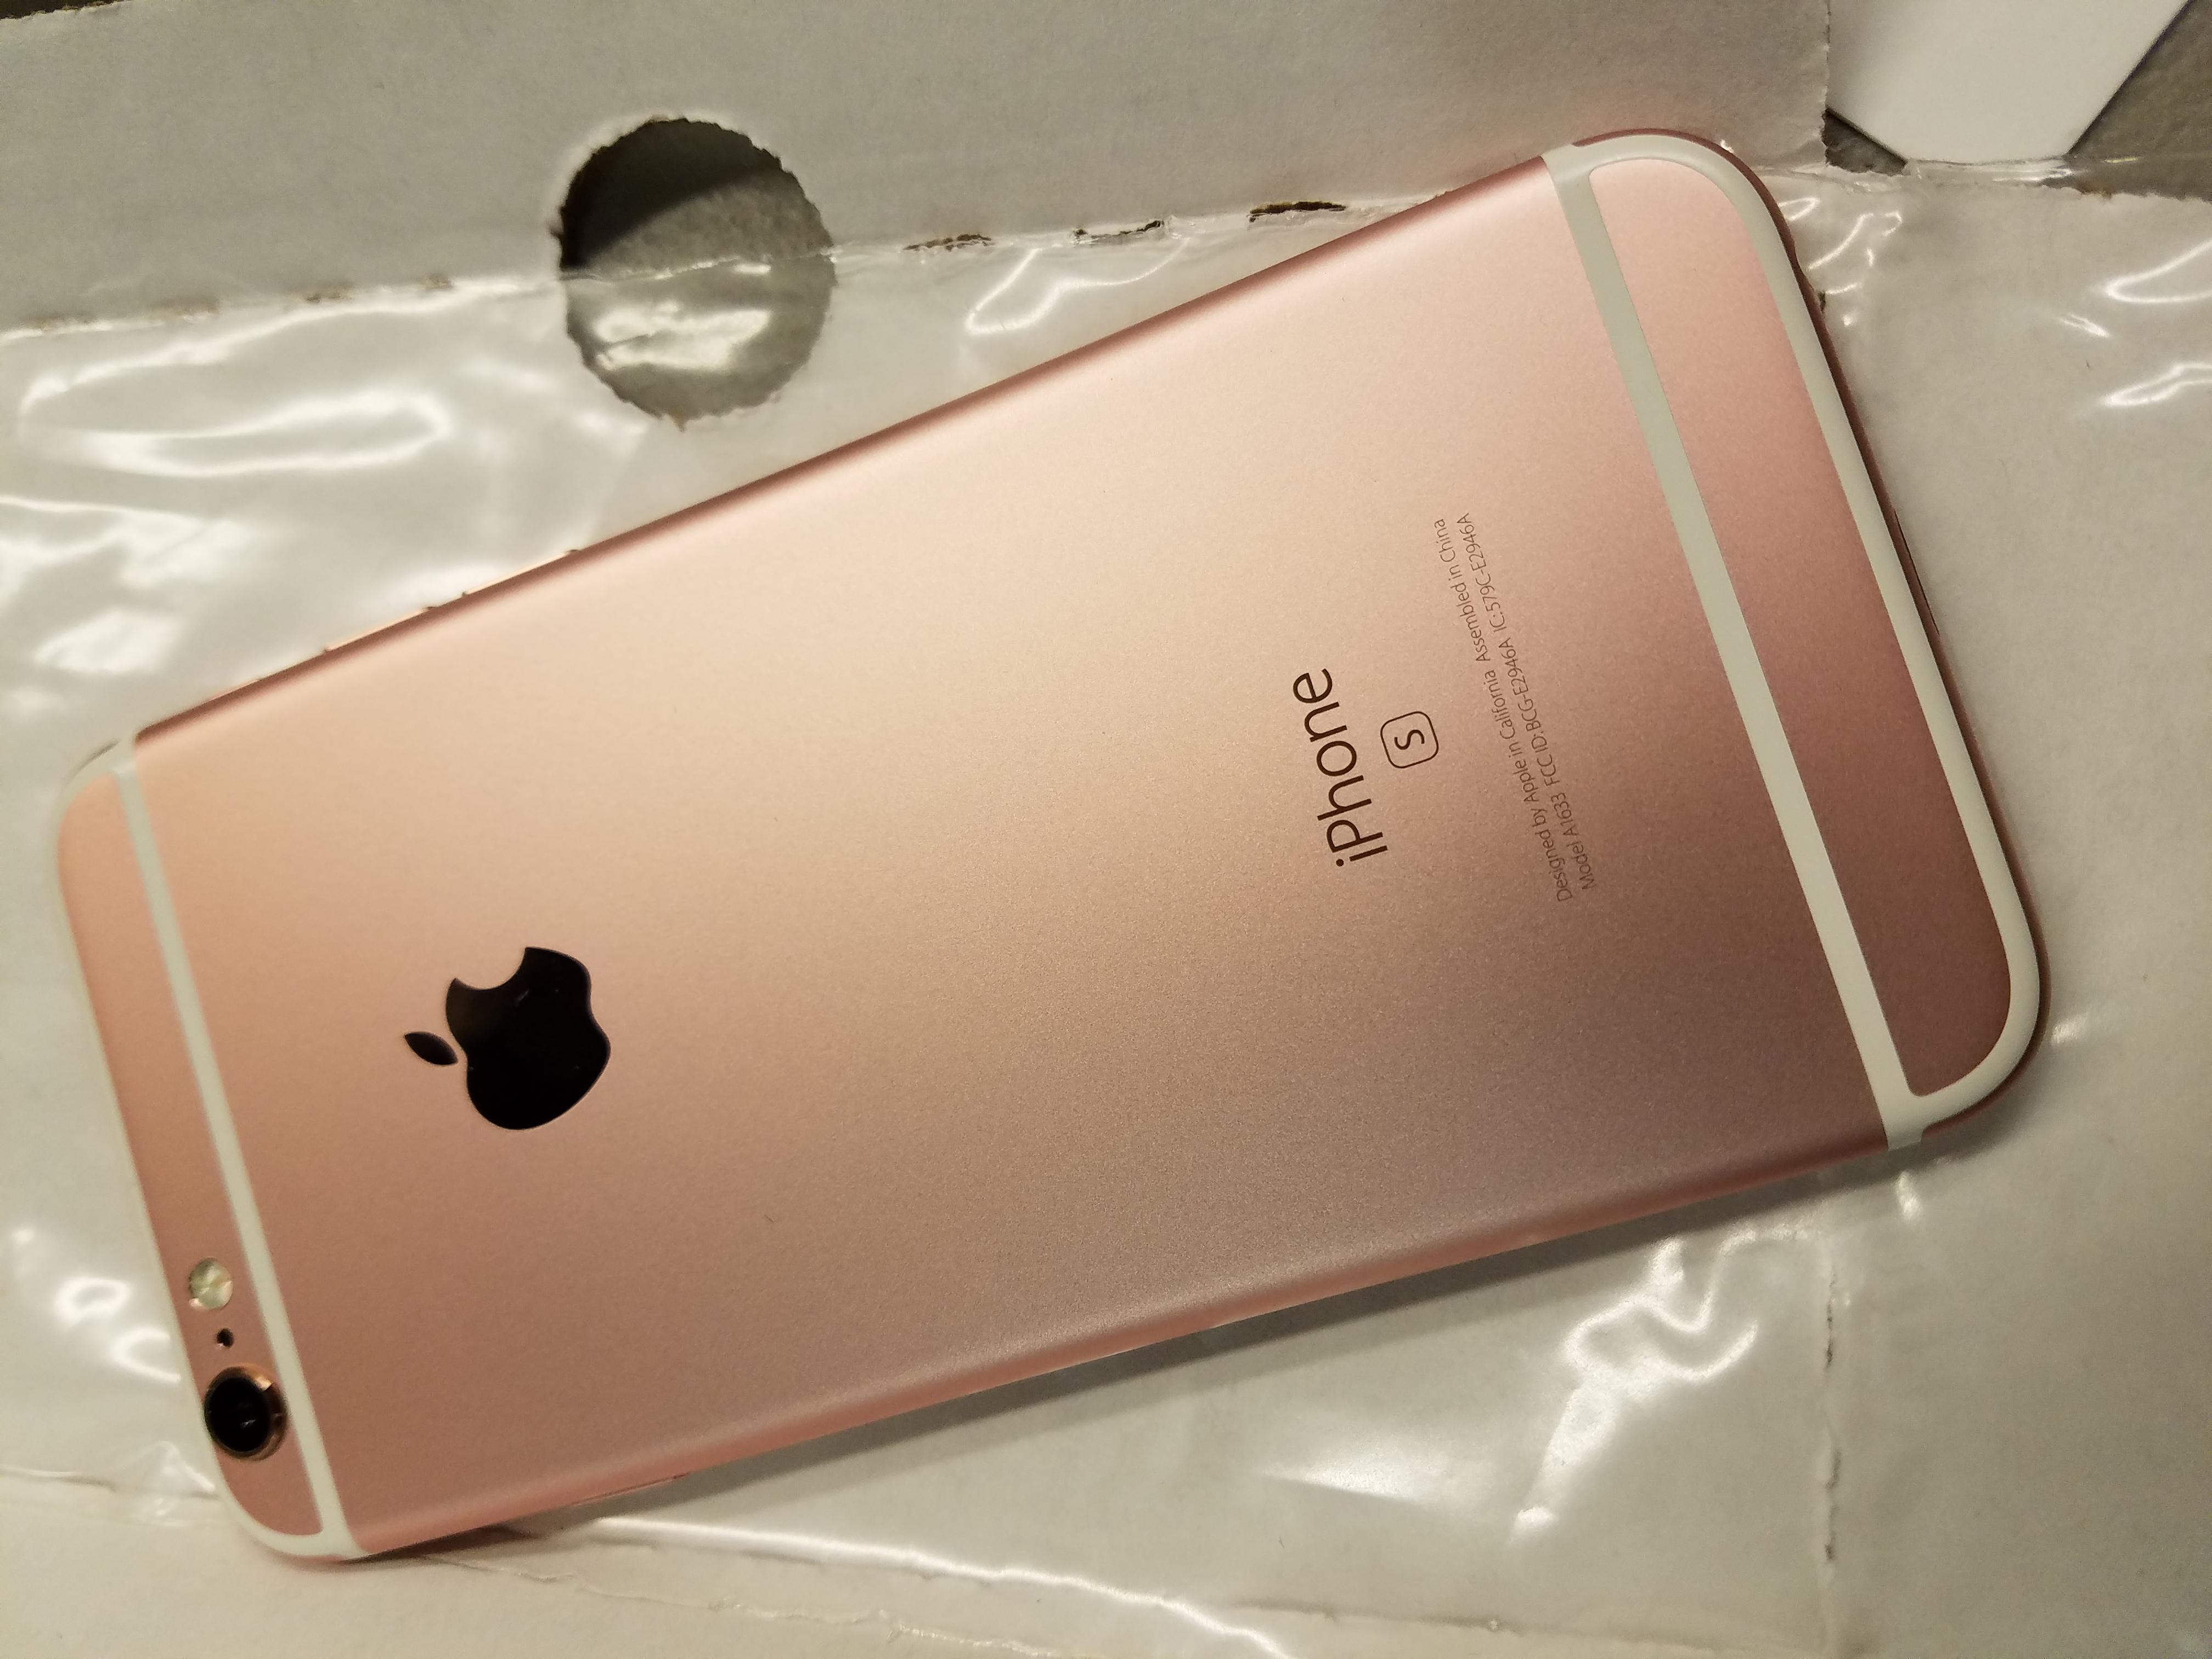 iphone 6s plus 64gb rose gold price in dubai